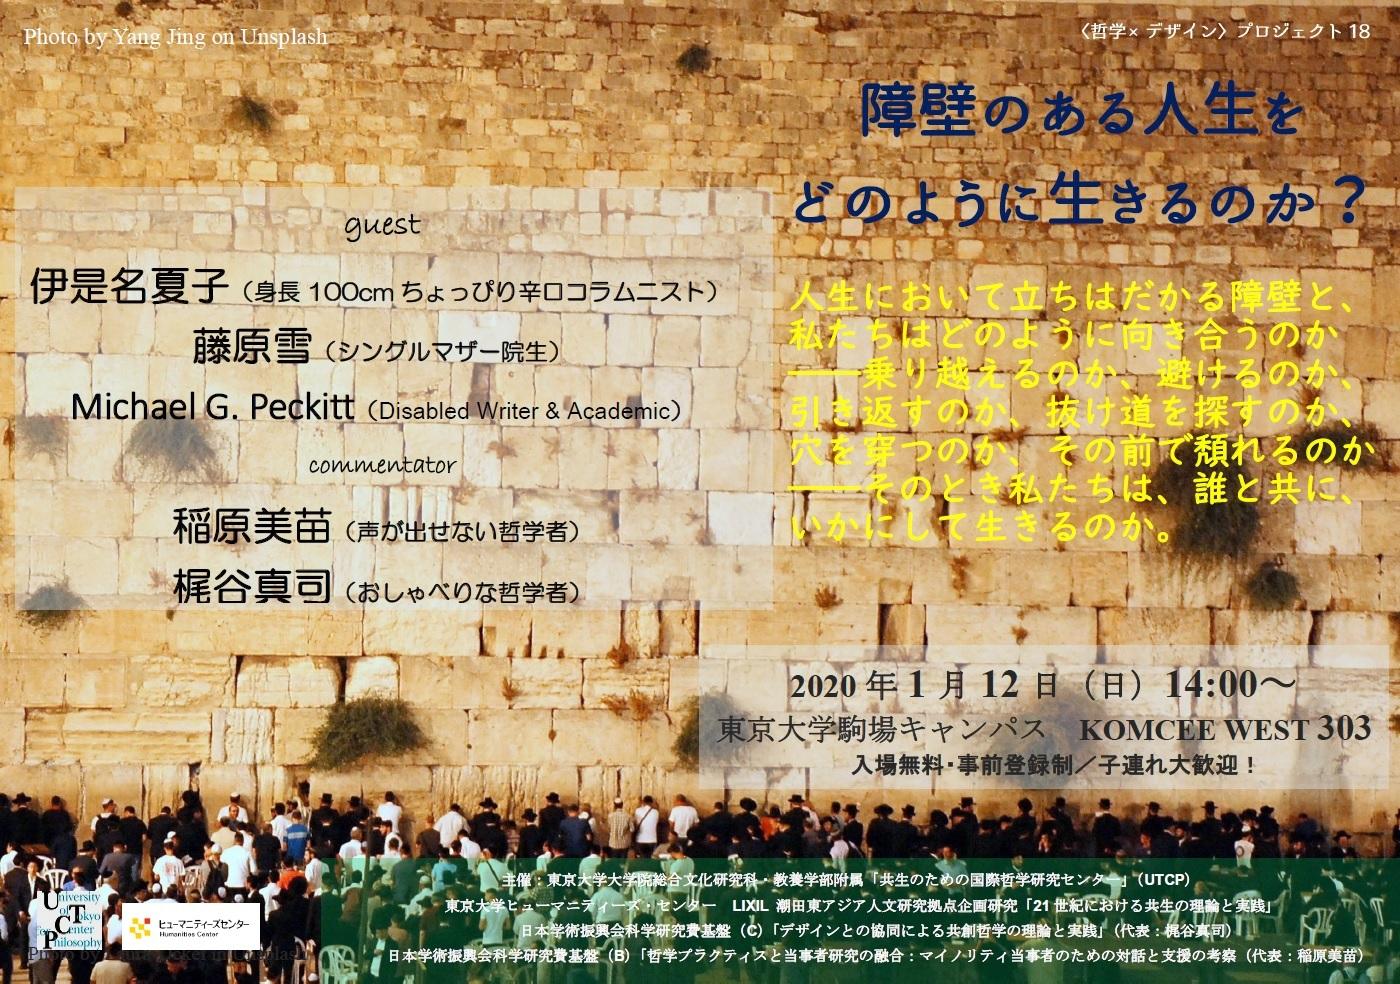 200112_poster.jpg